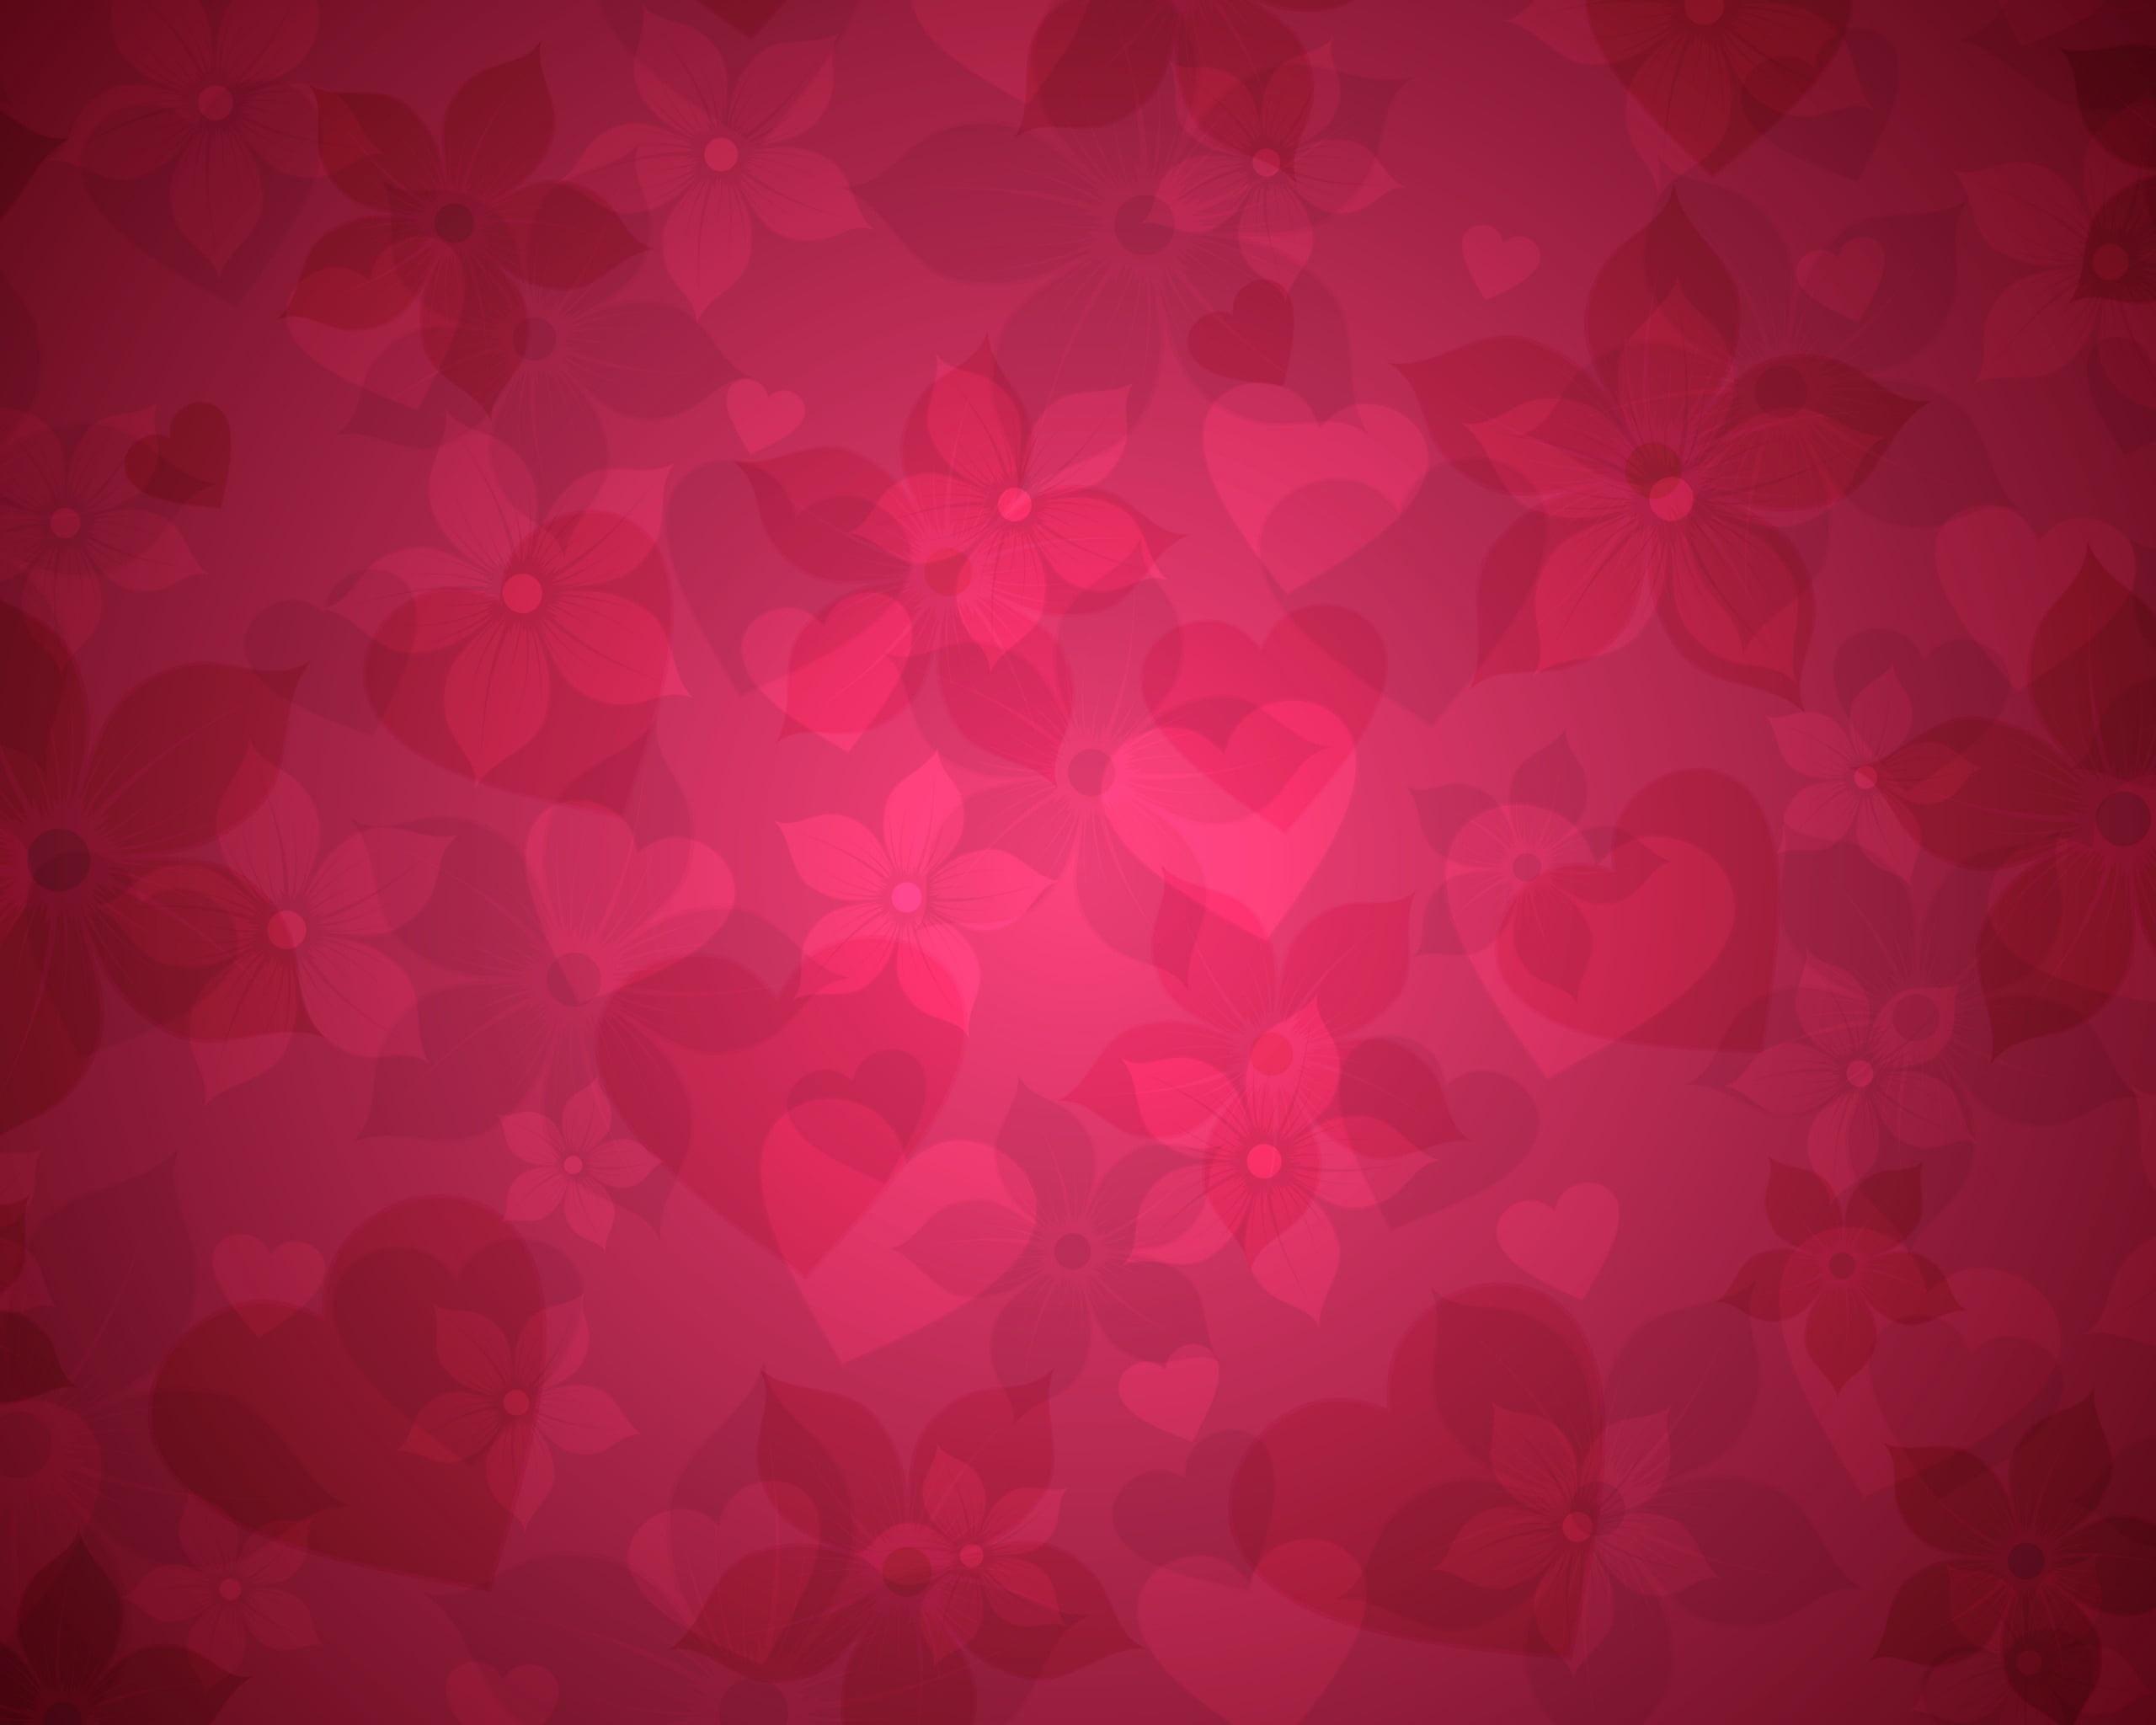 Res: 2560x2048, Texture, Pink, Heart, Hearts HD wallpaper